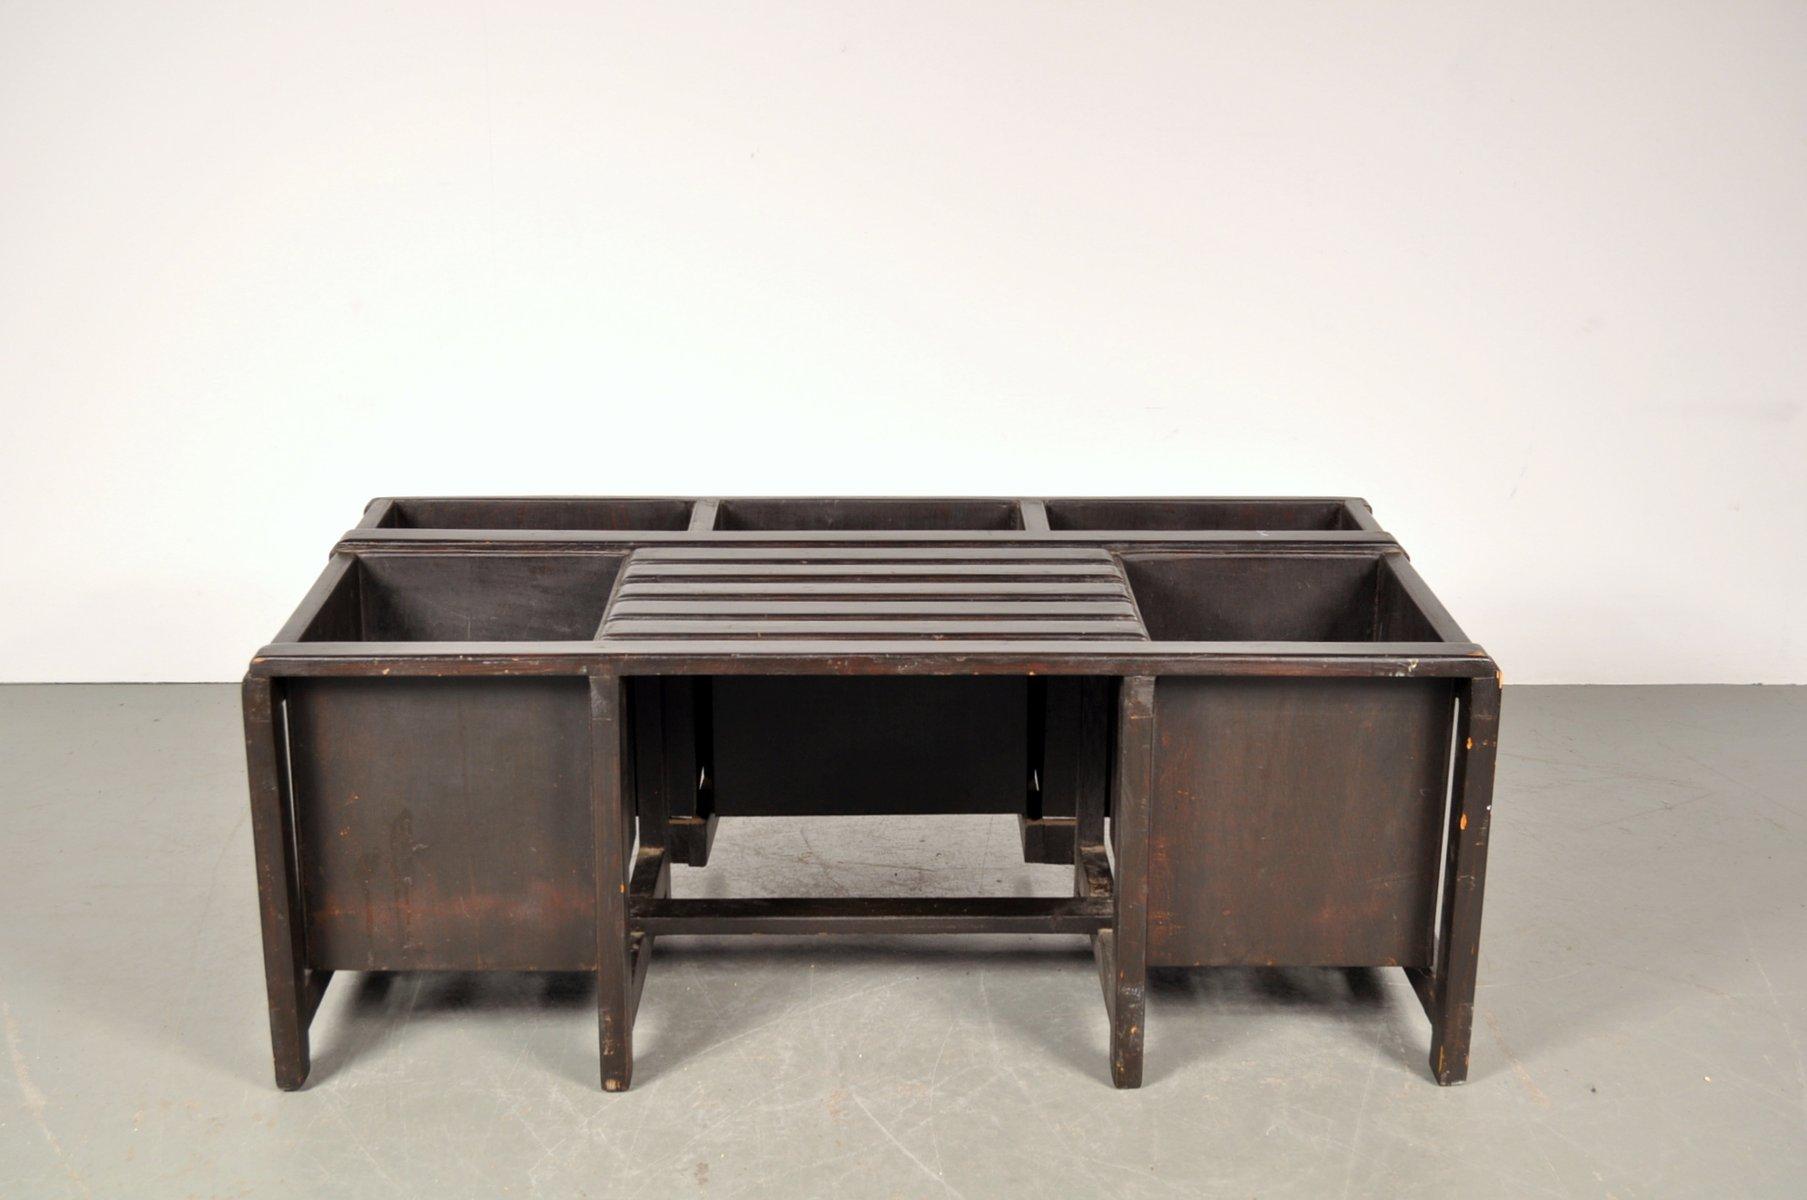 schwarz gef rbte holzbank mit stauraum 1950er bei pamono kaufen. Black Bedroom Furniture Sets. Home Design Ideas